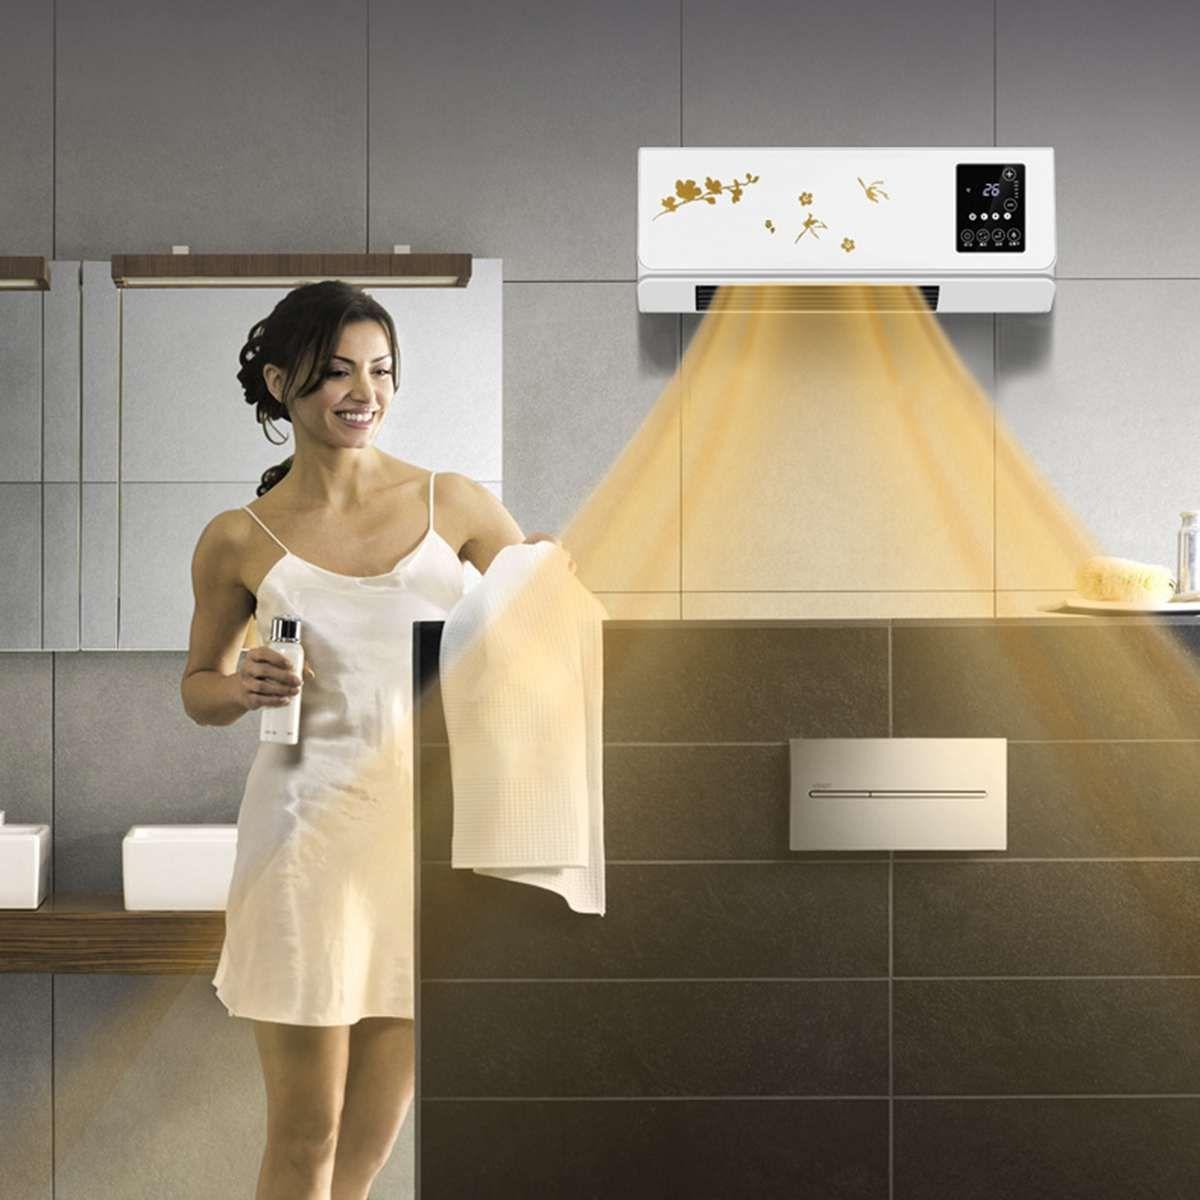 220 v 2KW Hause Wand Montiert Klimaanlage Heizung Warme Heizung Und Kühler Fernbedienung